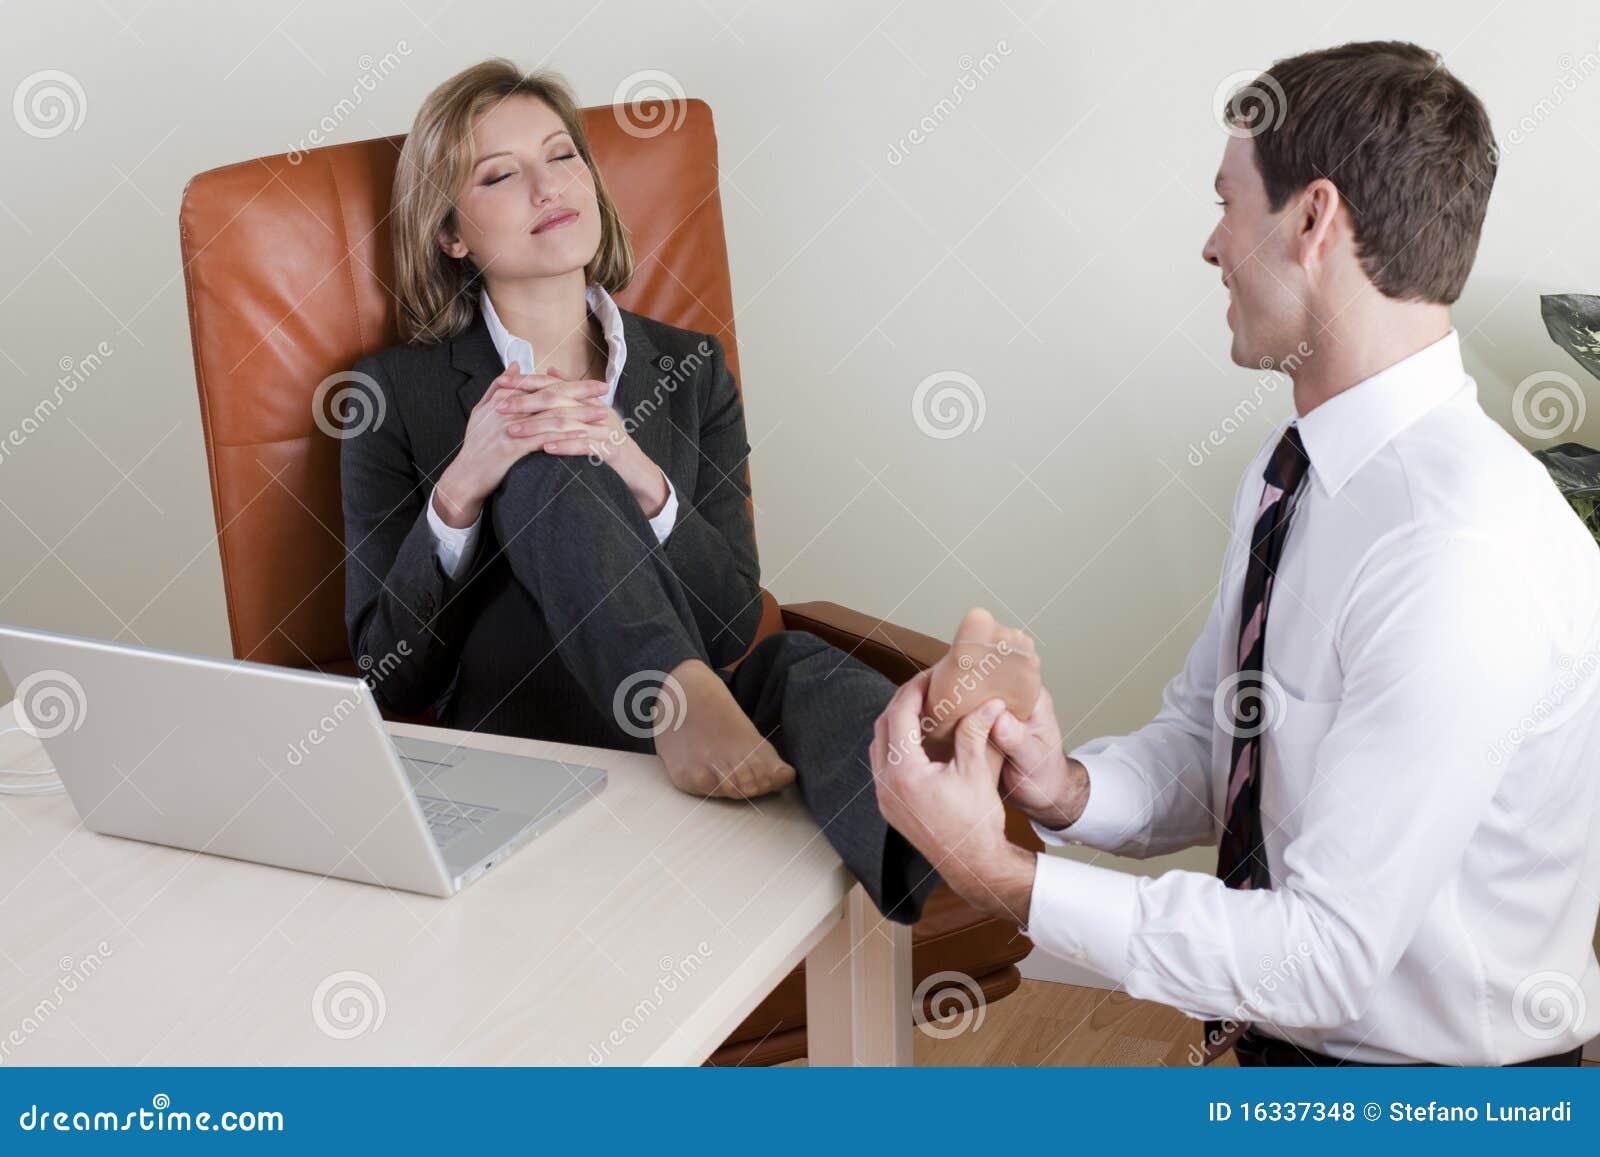 sex slave porn massasje tube